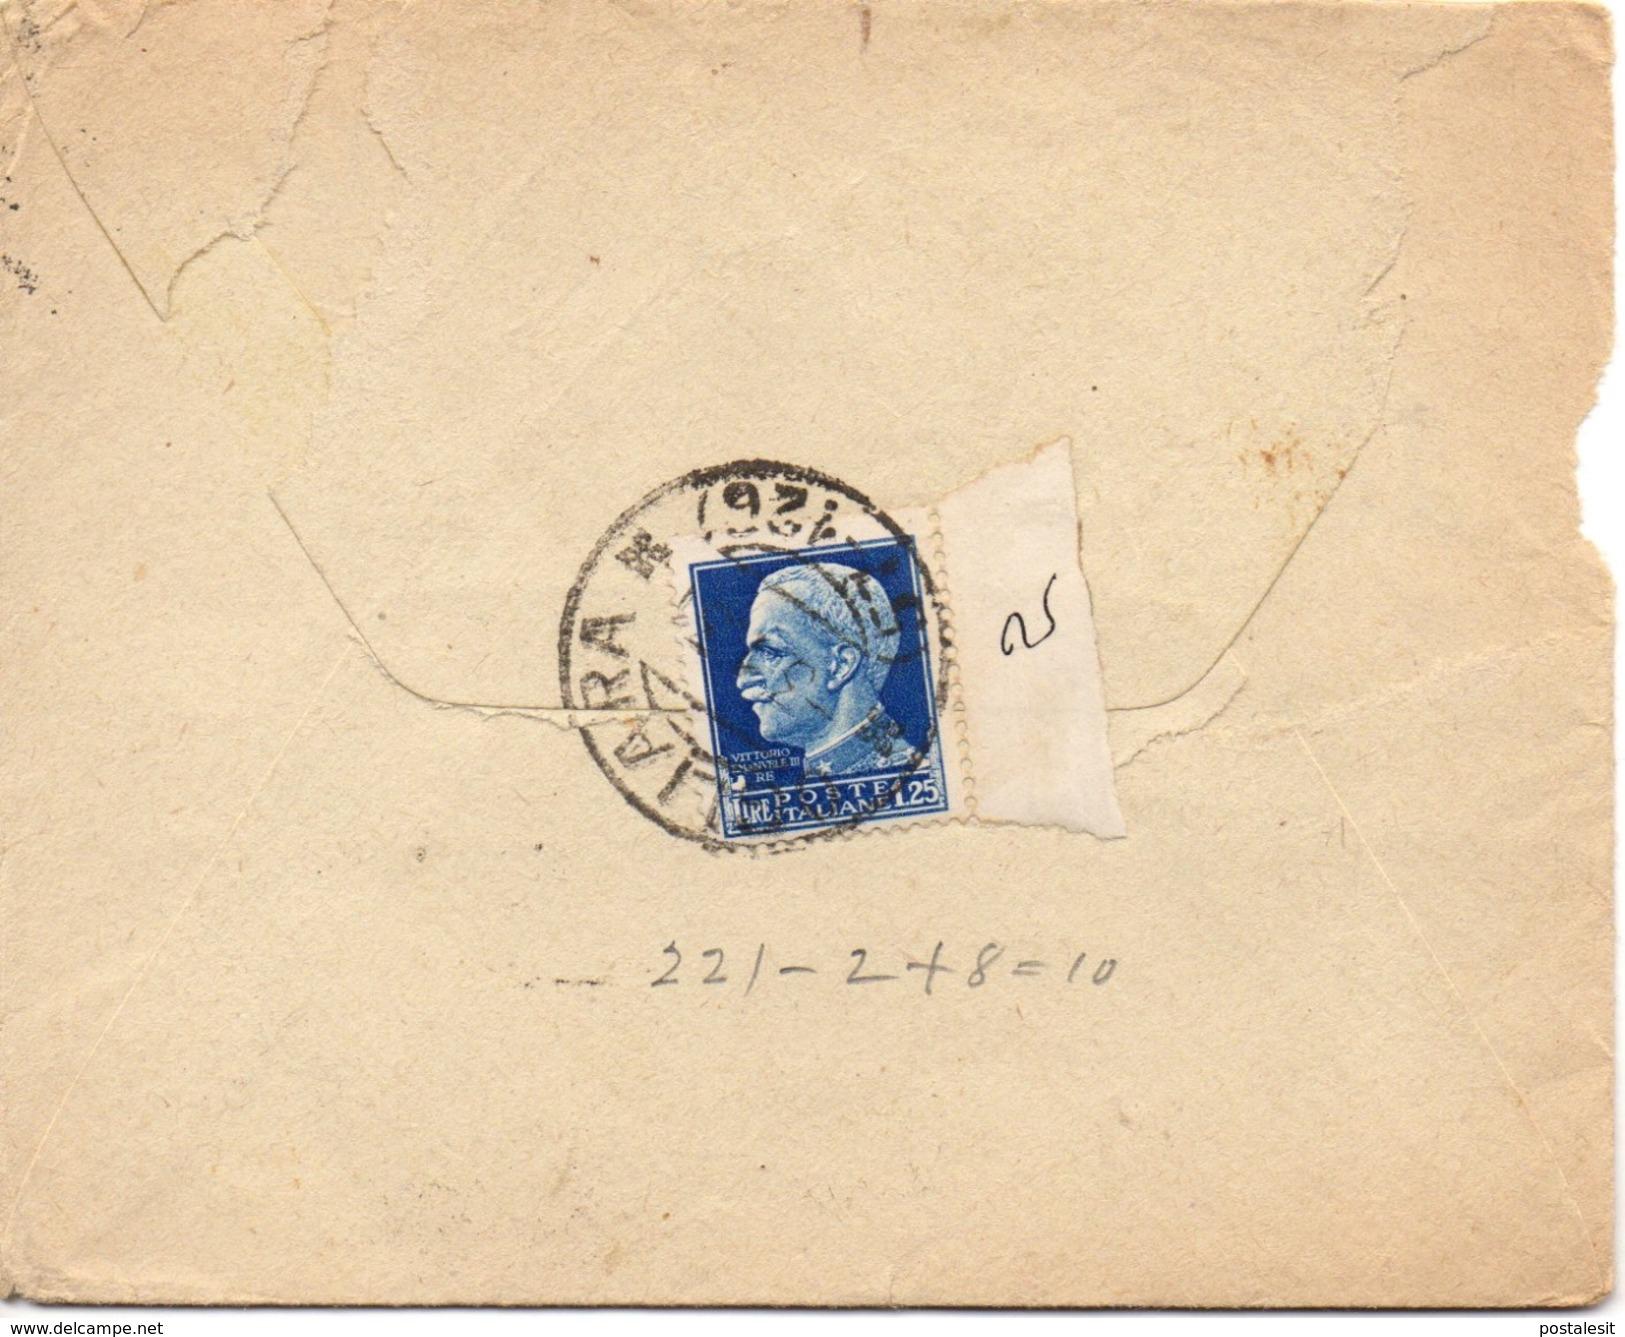 OGLIARA (FRAZIONARIO) SALERNO Per NEW YORK USA - Busta Per ESTERO 1,25£ Imperiale 2/121 - 1900-44 Vittorio Emanuele III